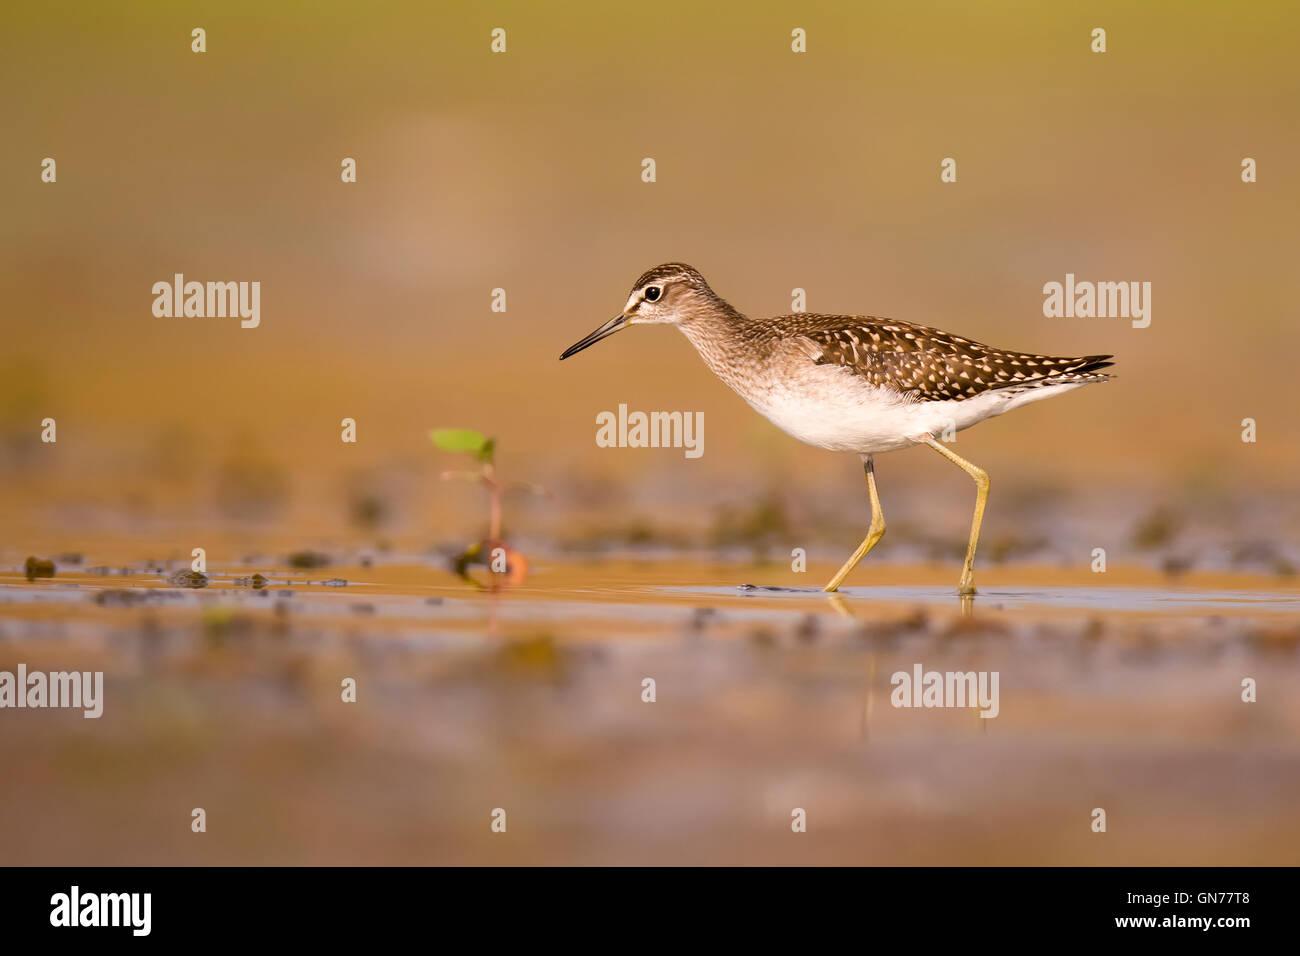 Bruchwasserläufer (Tringa Glareola). Dieser Vogel ist eine Wathose, die im seichten Wasser oder Watt in oder Stockbild